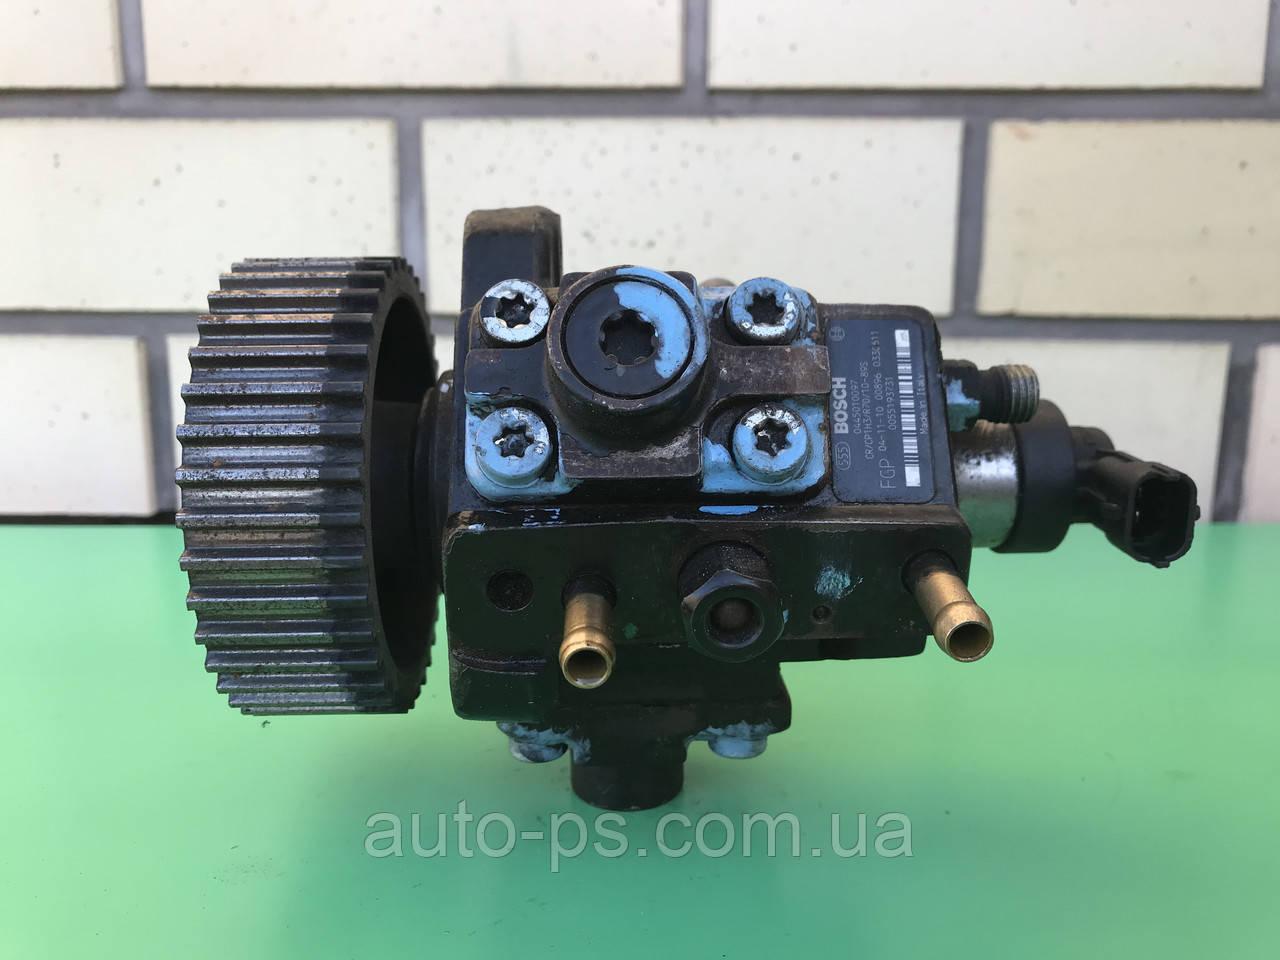 Топливный насос высокого давления (ТНВД) Saab 9-5 1.9TiD 2006-2009 год